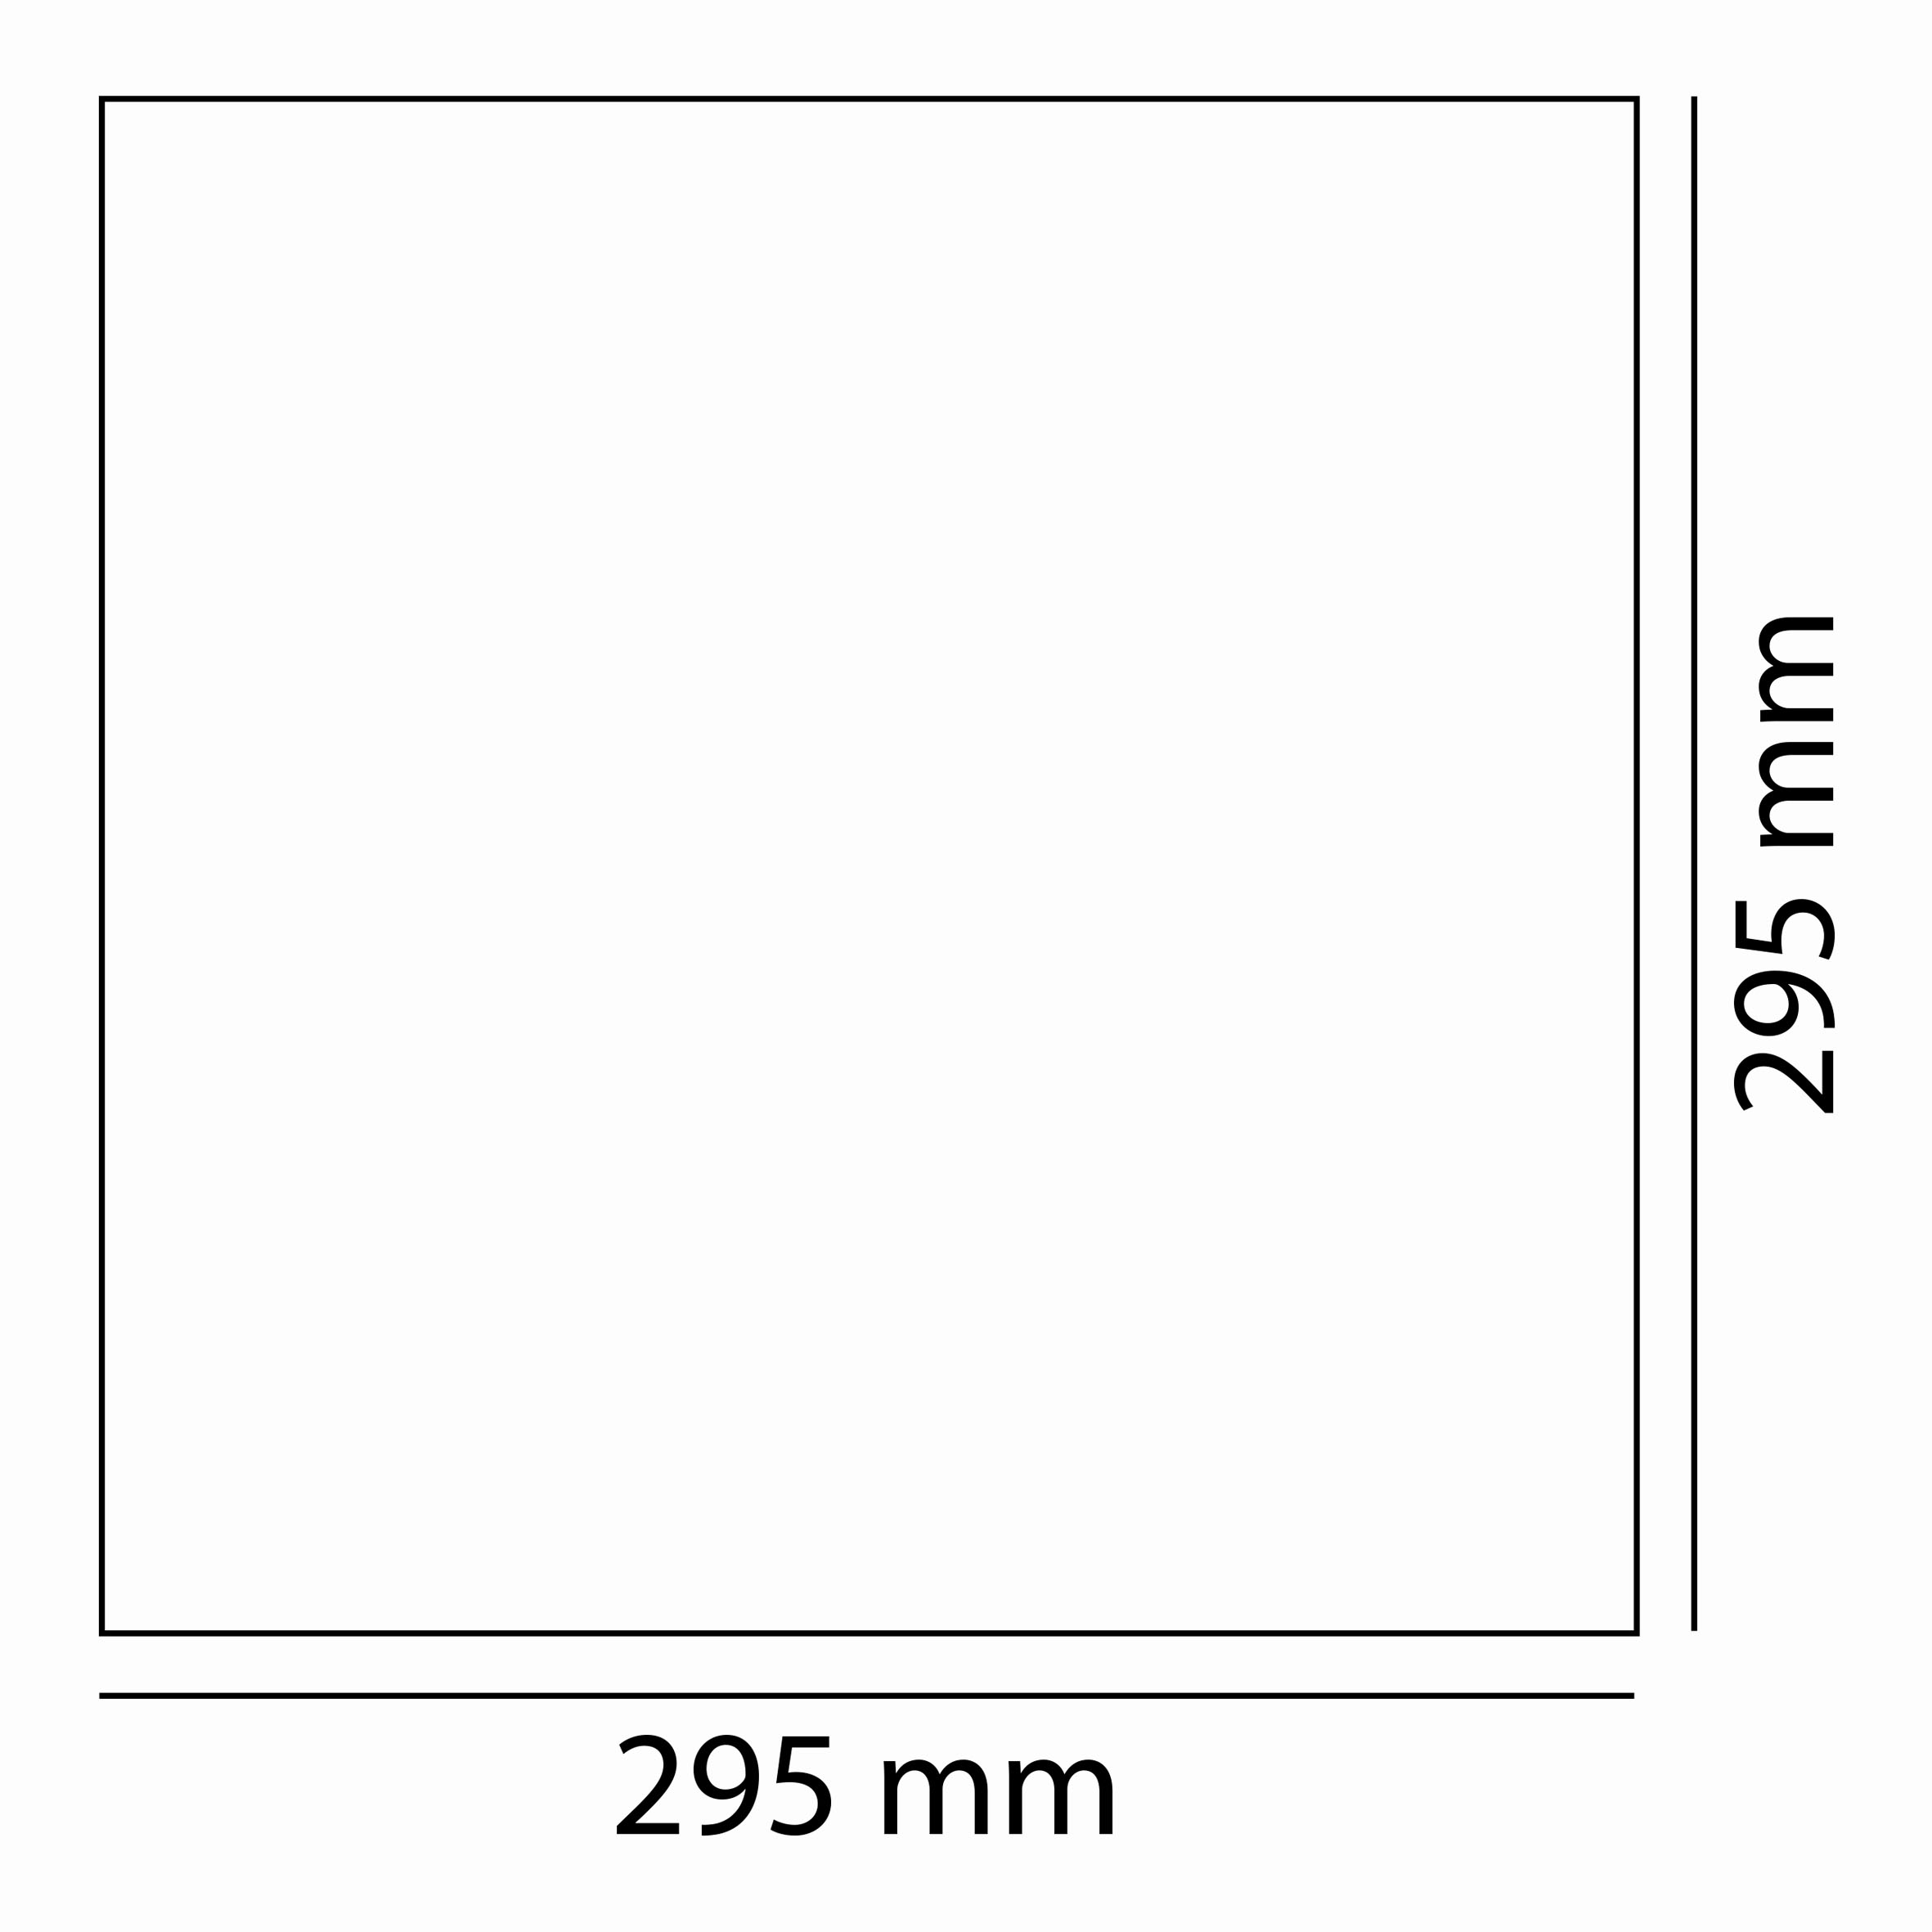 20w 30x30 Ledli Panel Teknik Çizim